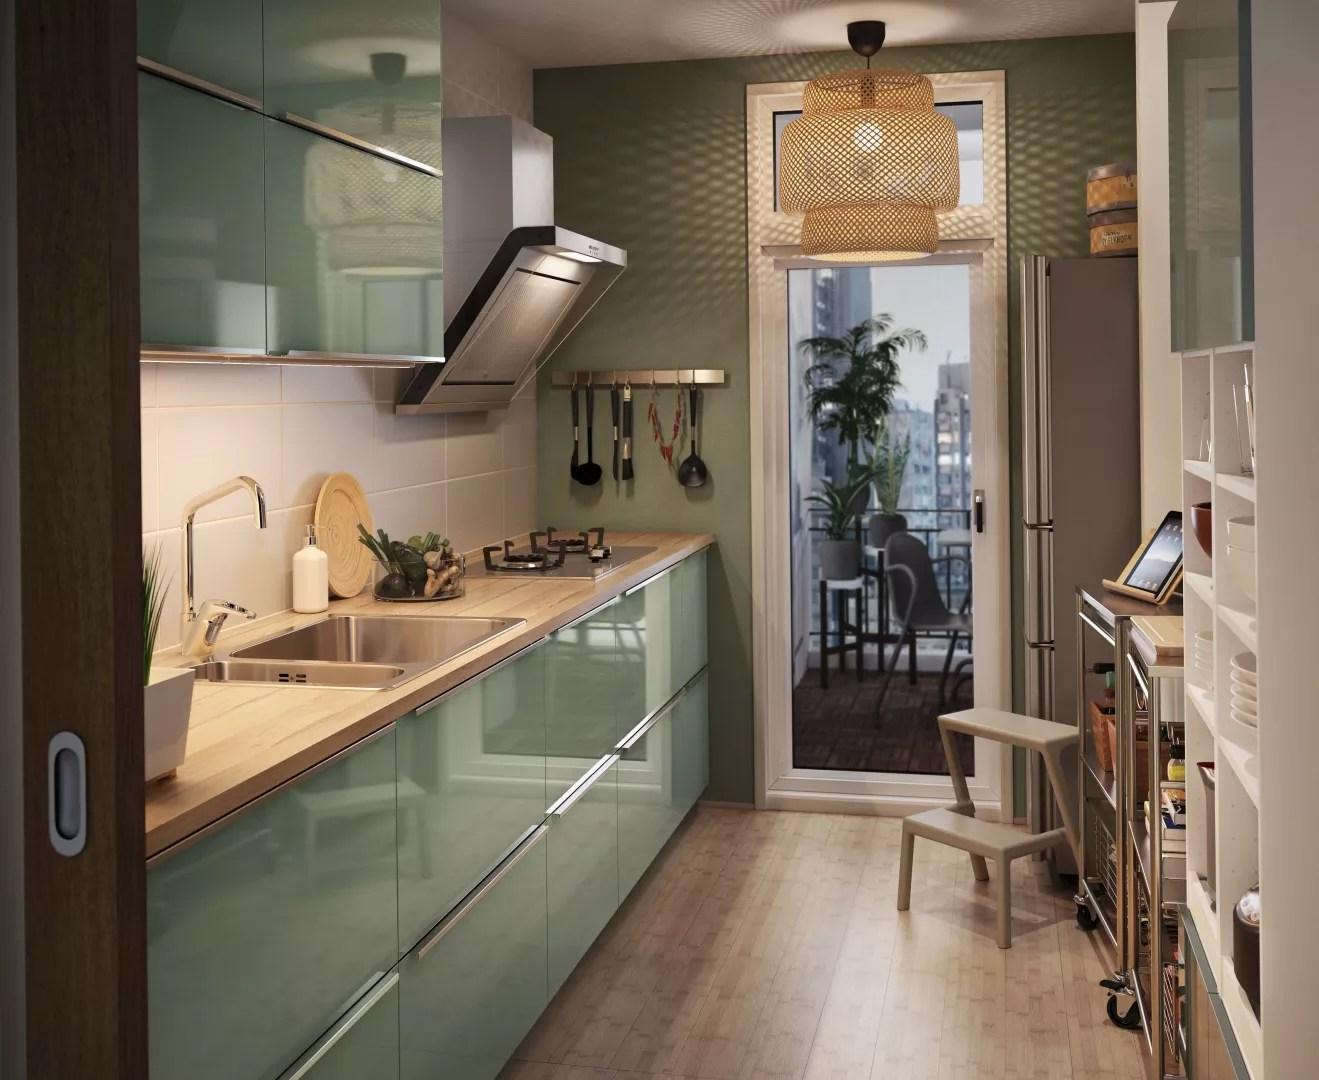 Home Design Keukens : Interieur ikea lanceert design keuken met karakter u2022 stijlvol